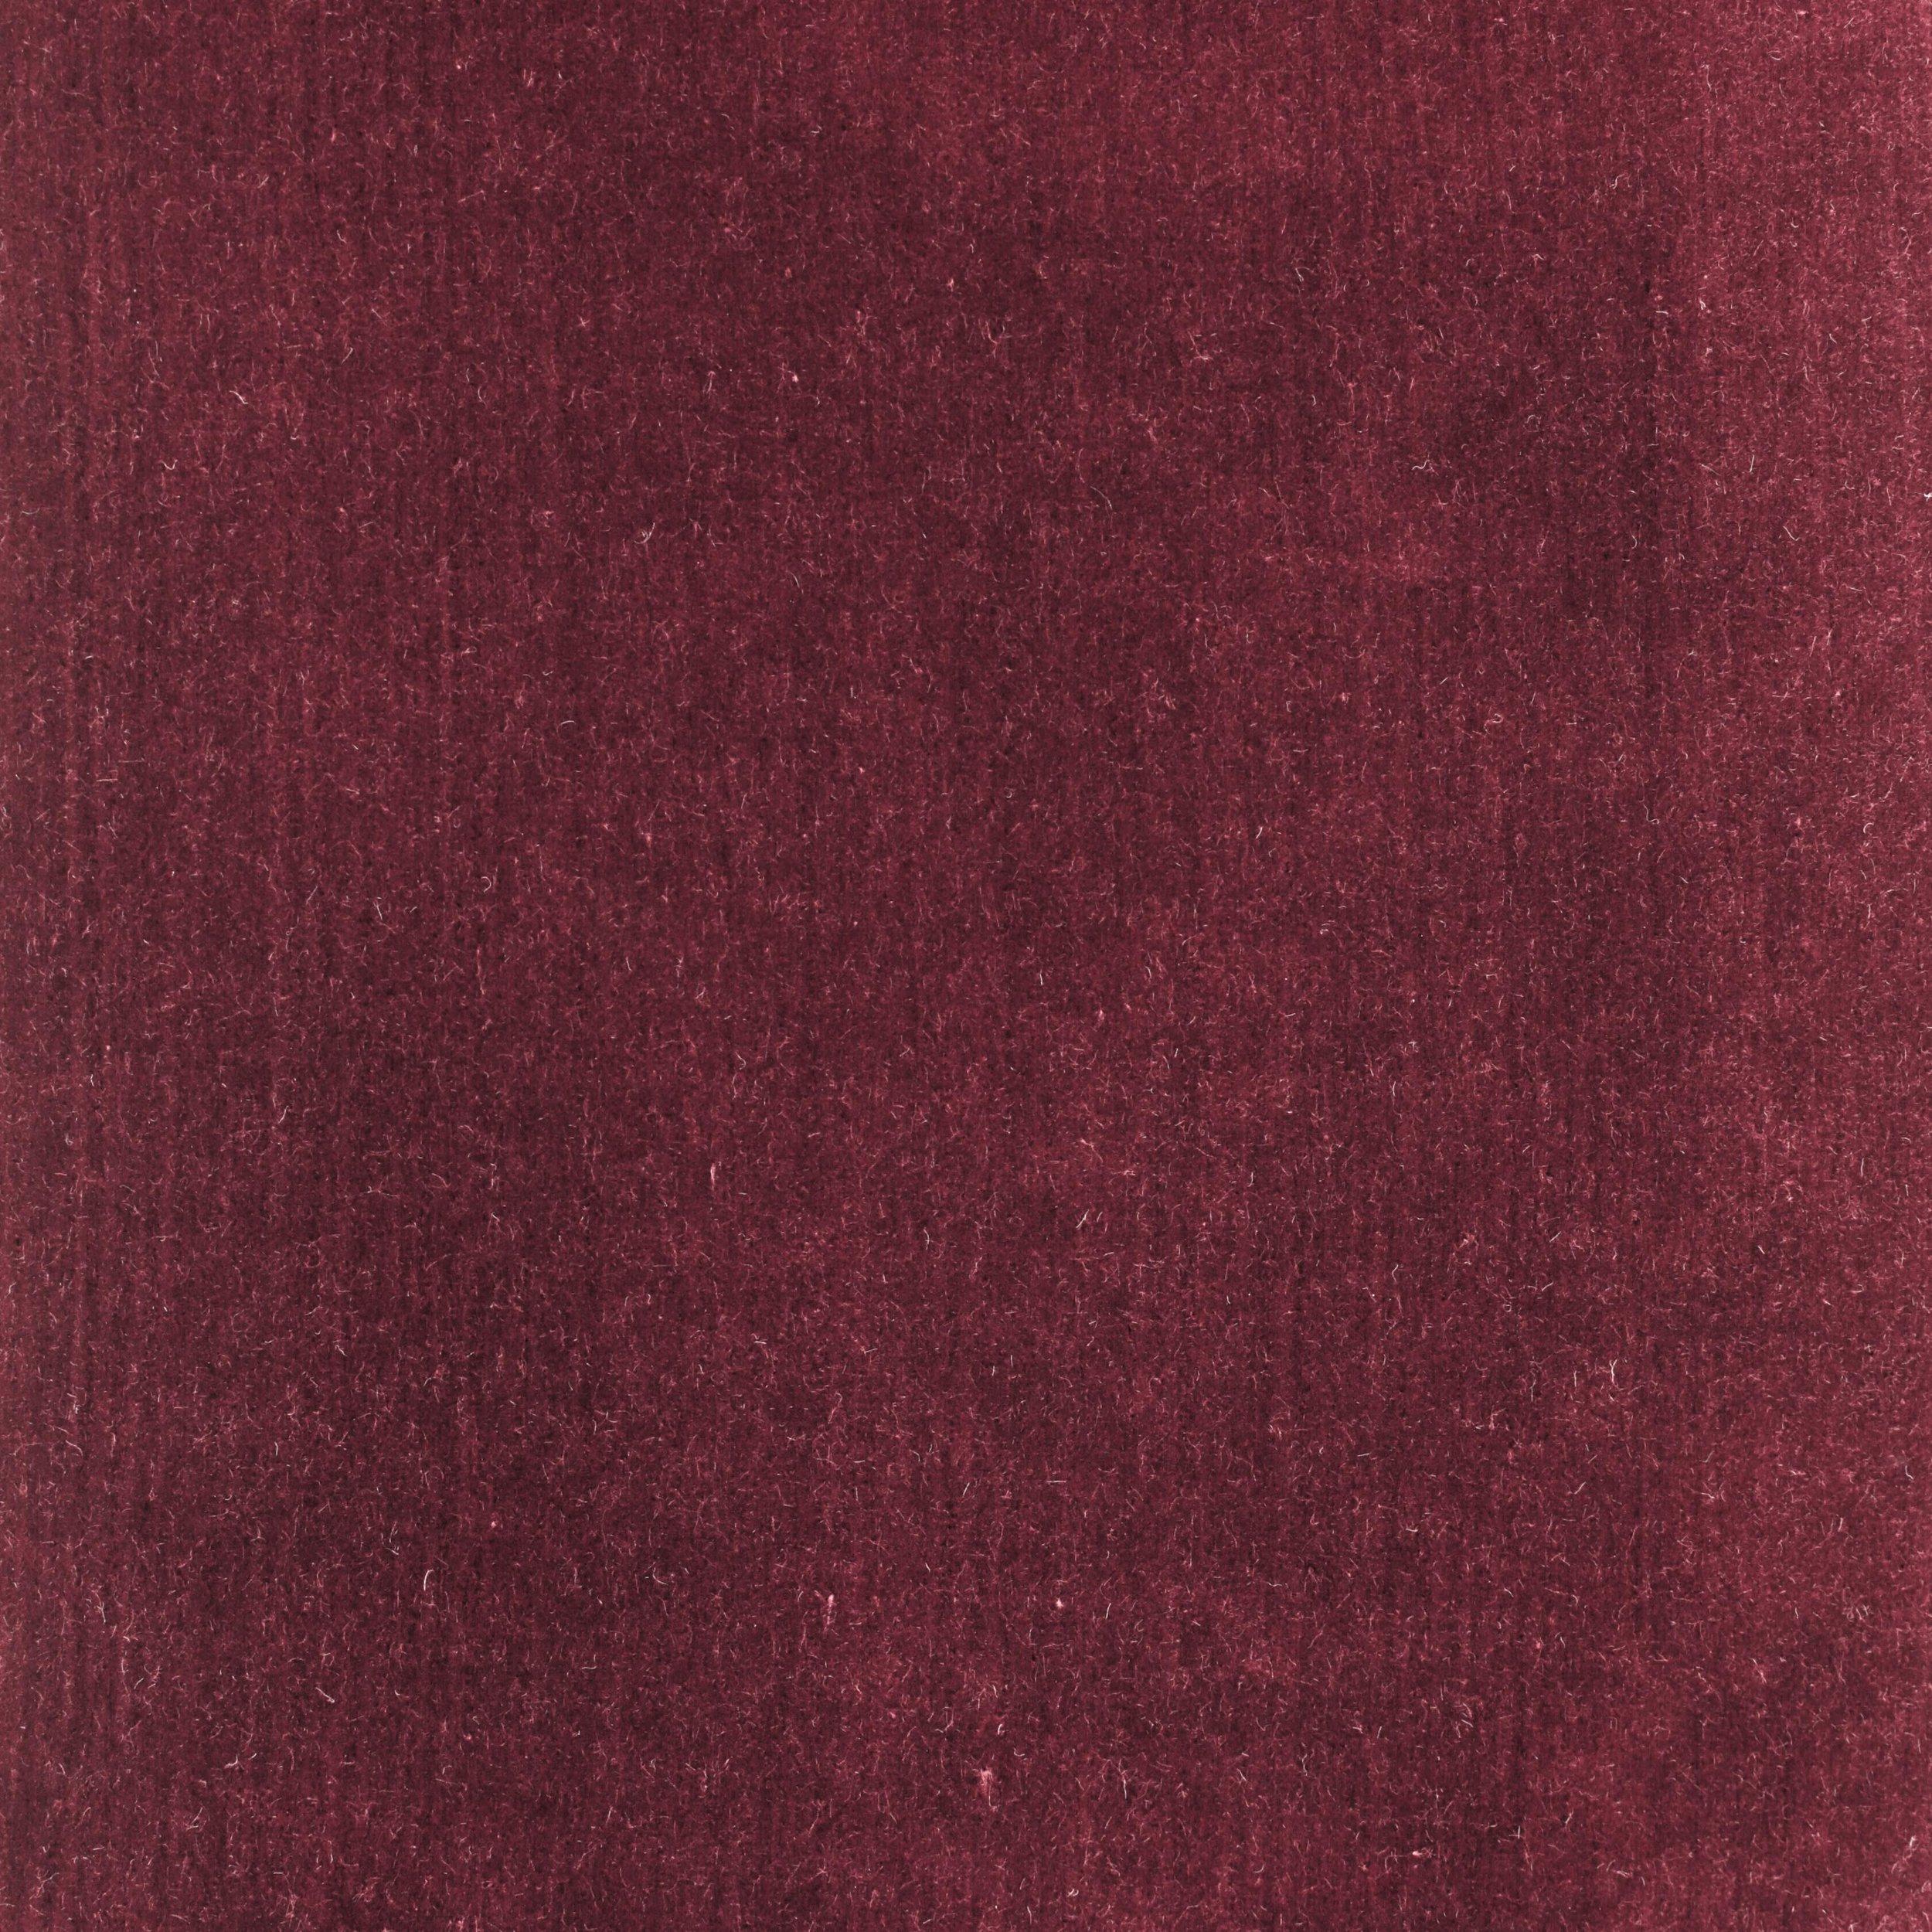 Burgundy 55